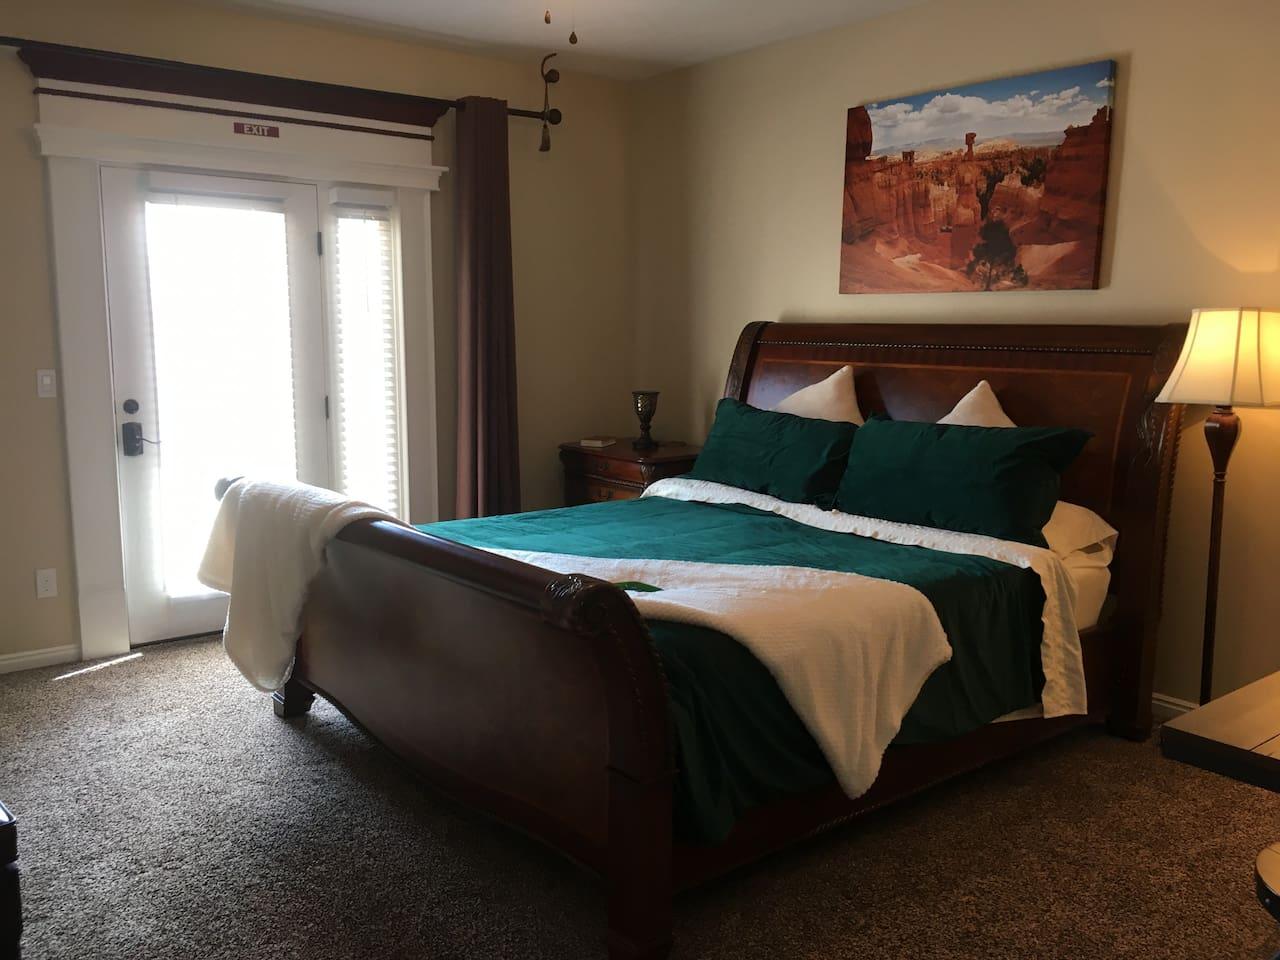 California King Sleigh Bed in Emerald Velvet and Cream